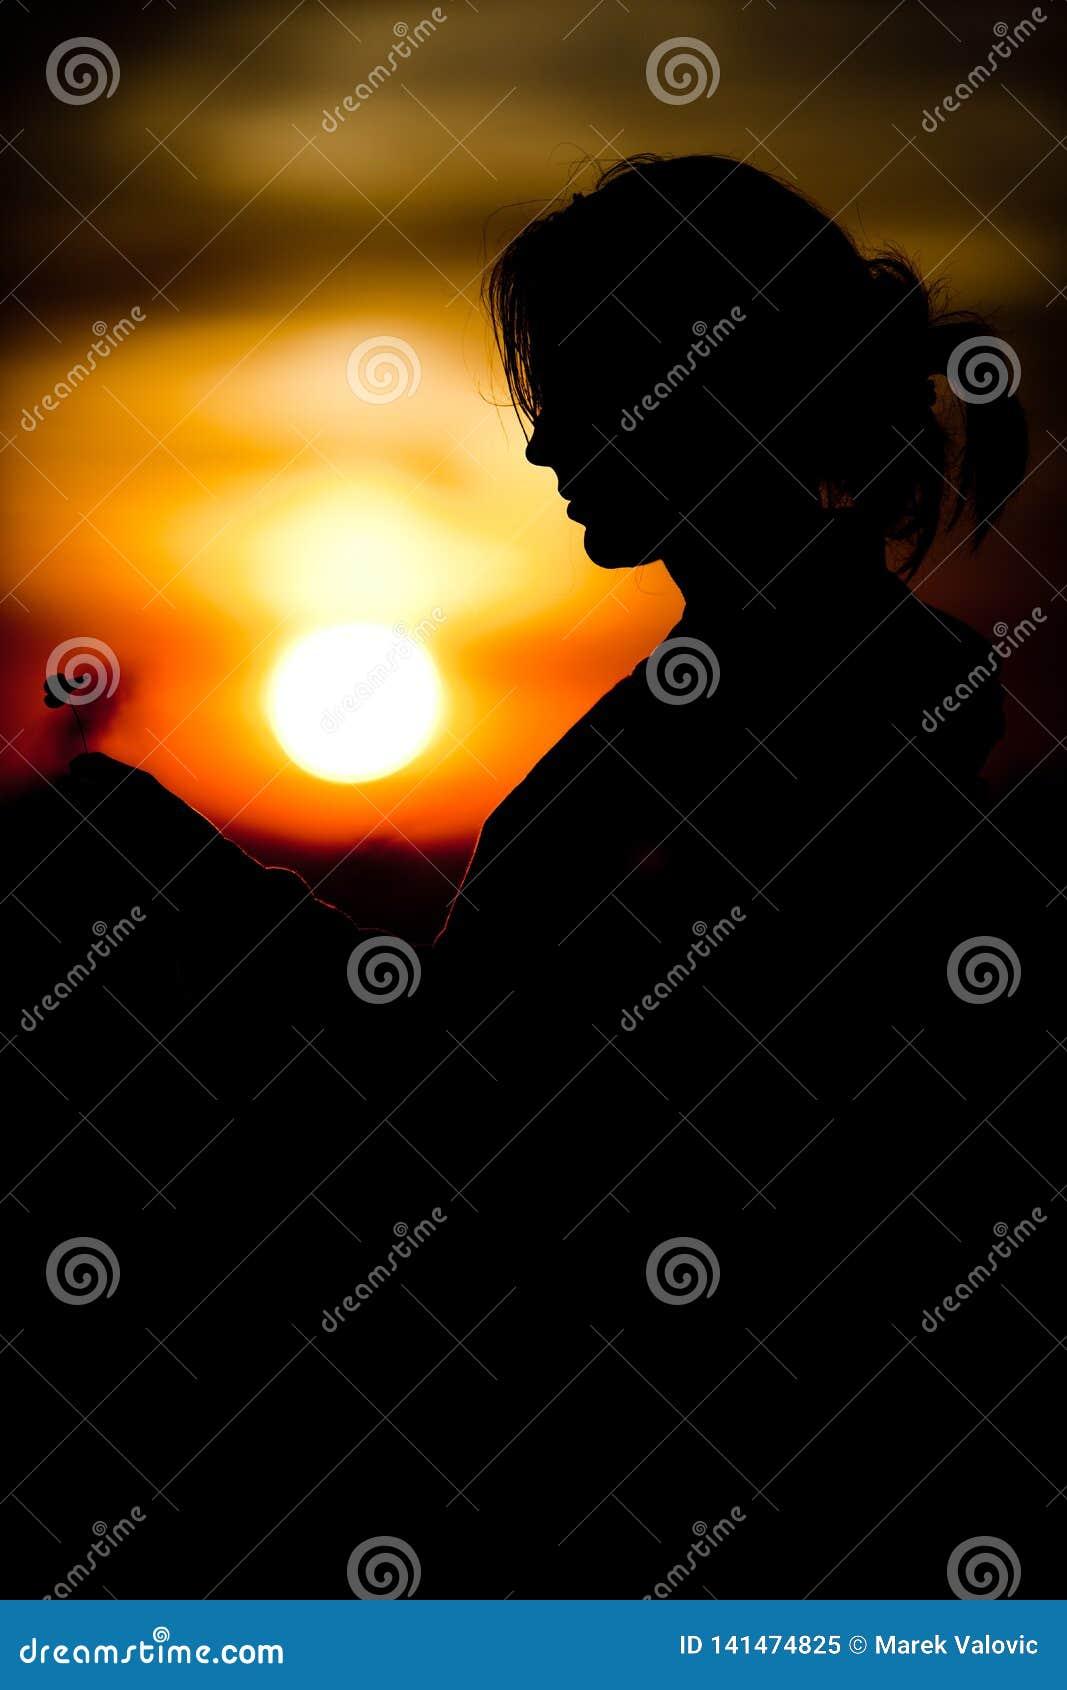 女孩的面孔在日落期间的藏品苜蓿叶形立交路口剪影-黑色和橘黄色